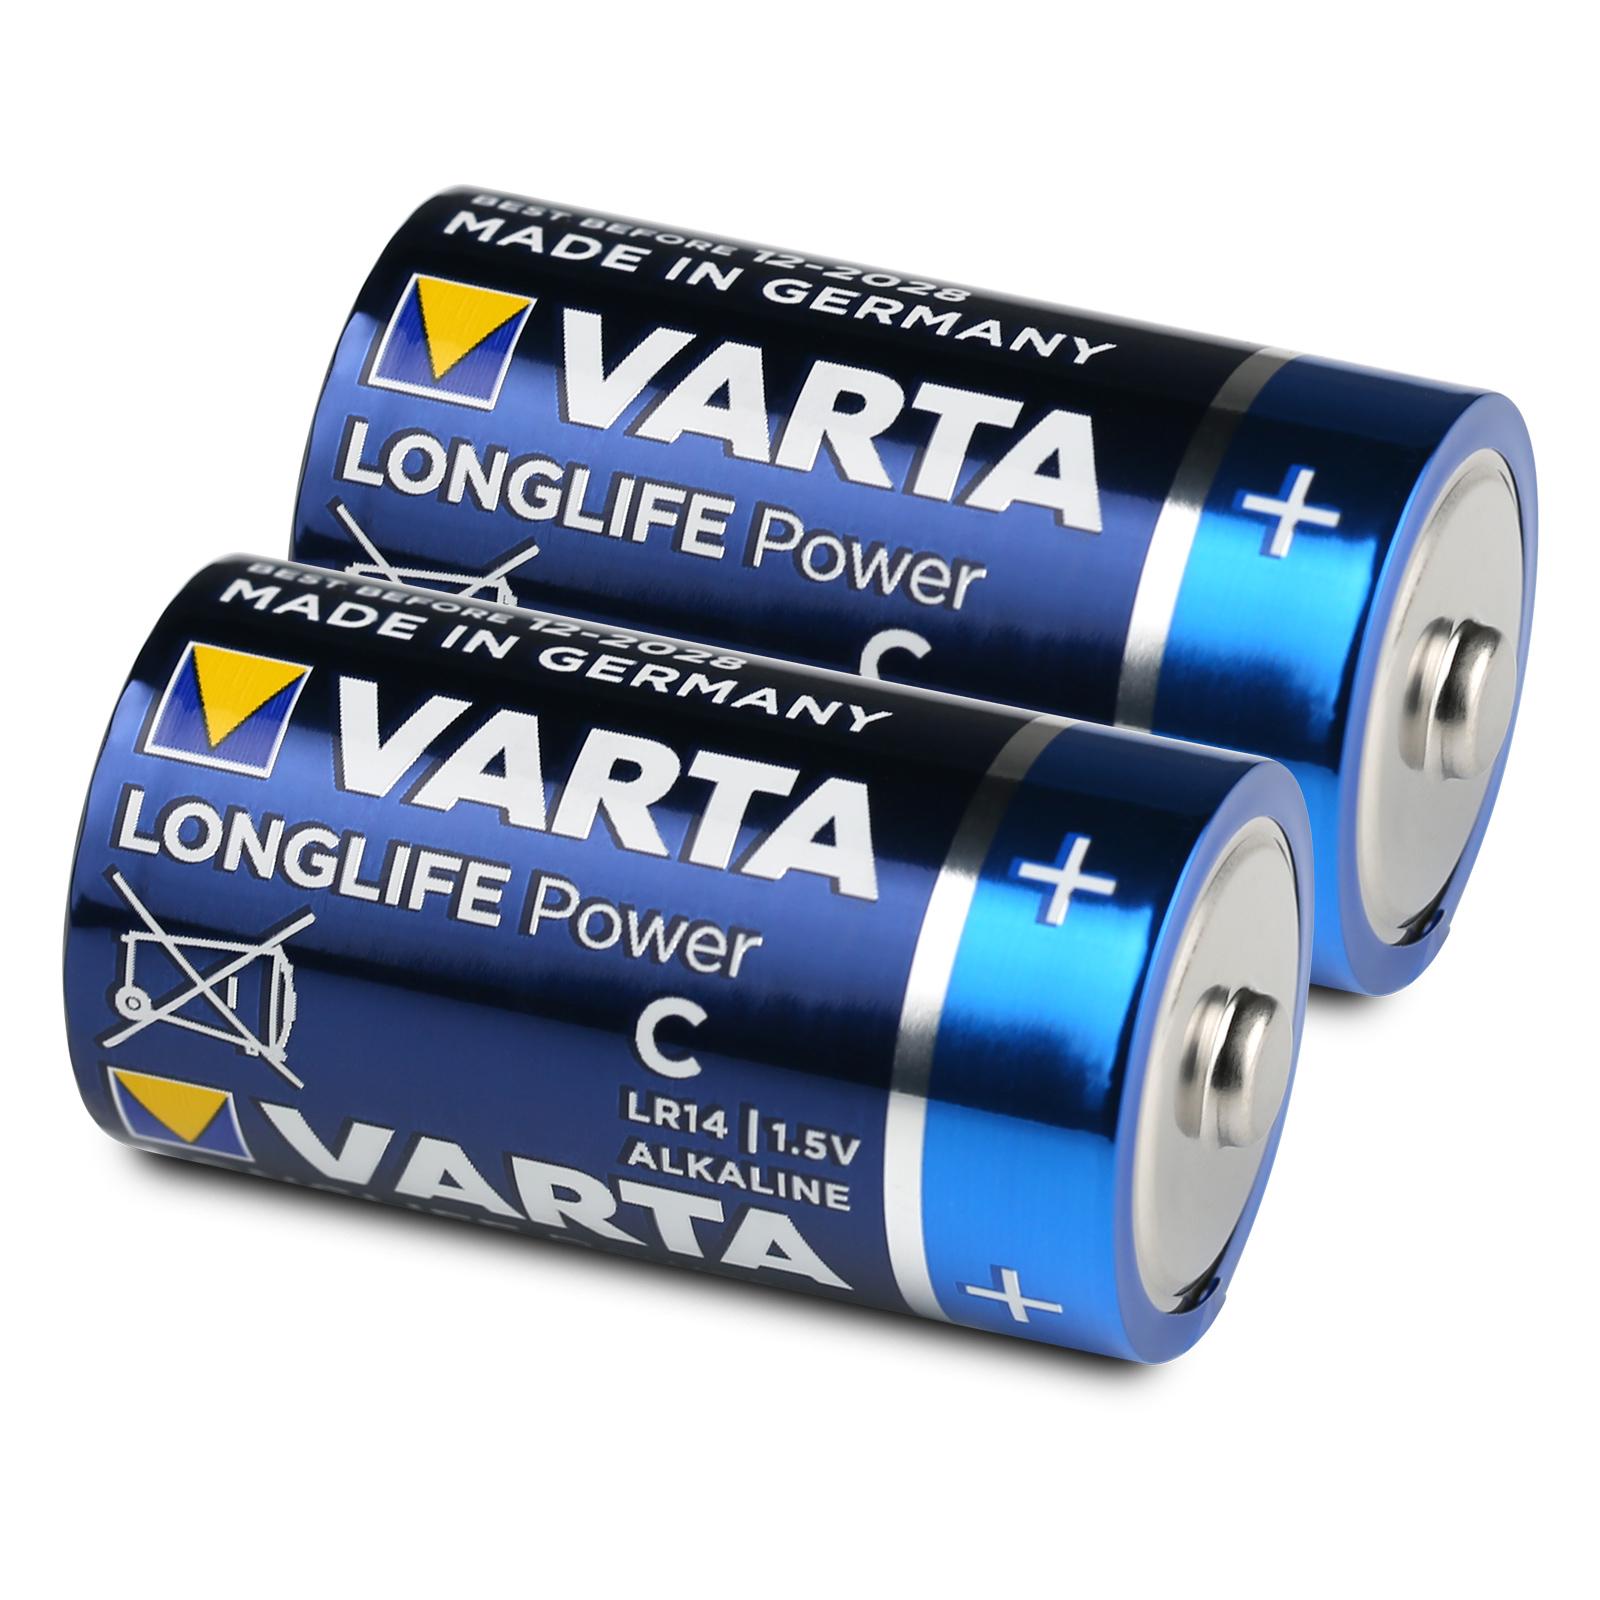 HighEnergy 4914 Baby C Alkaline LR14 1,5V Batterie Bl 6 x Varta Longlife Power